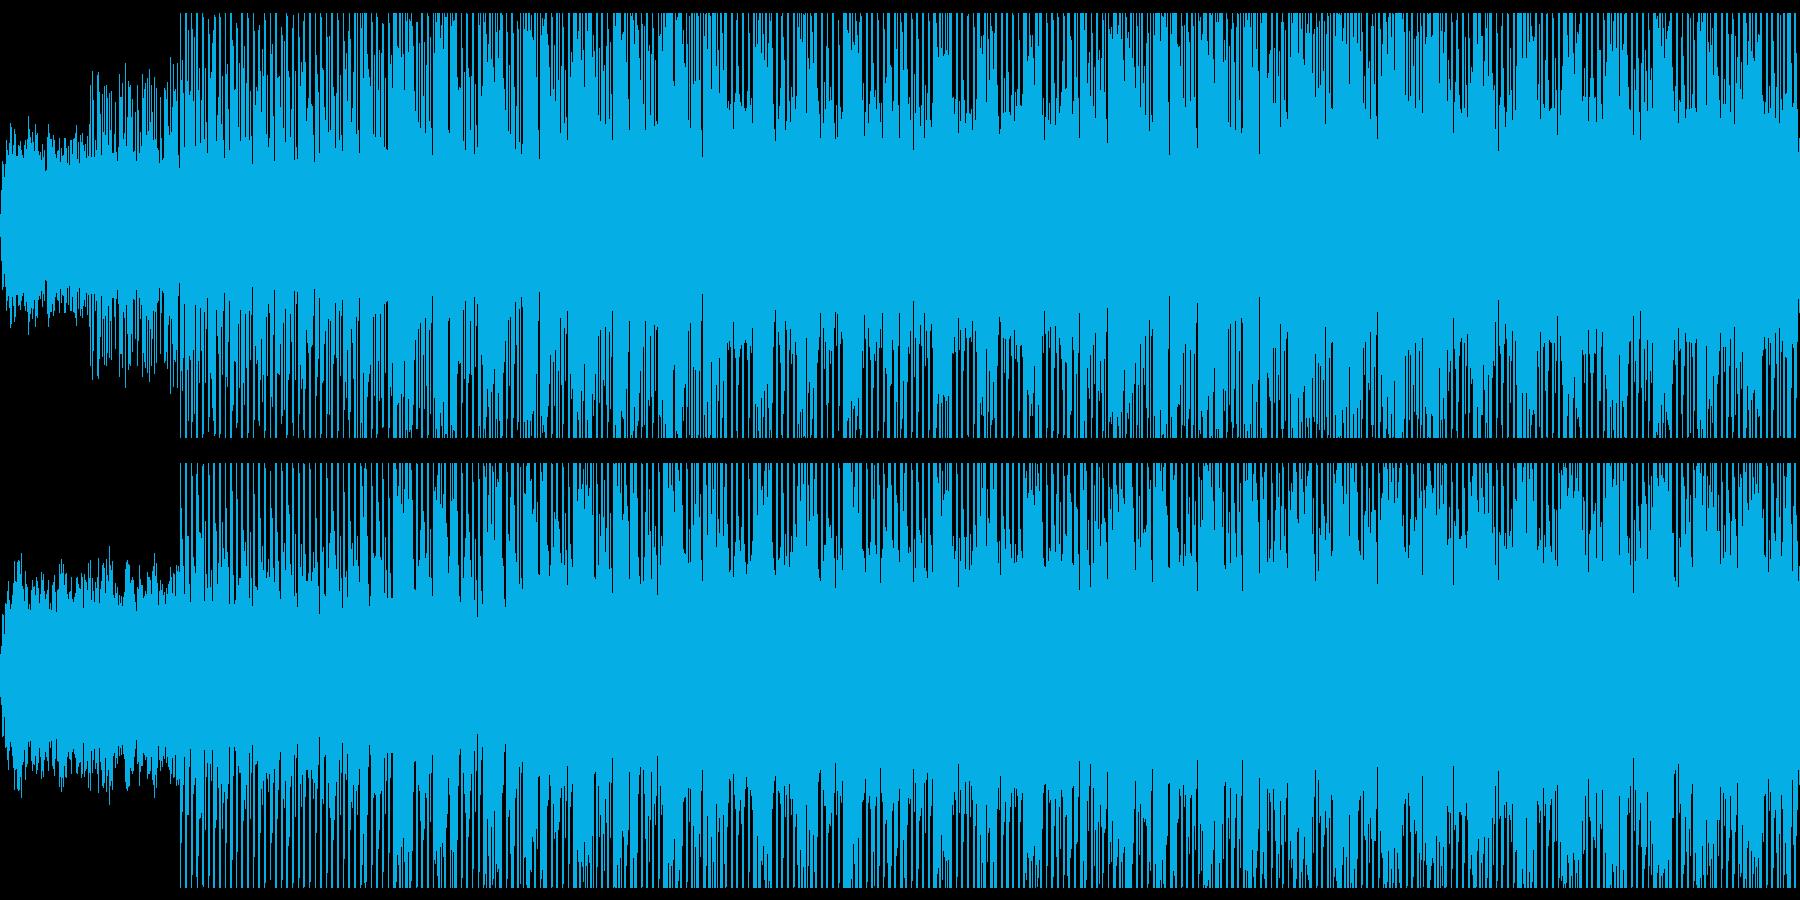 シンキングタイム(Loop対応)の再生済みの波形